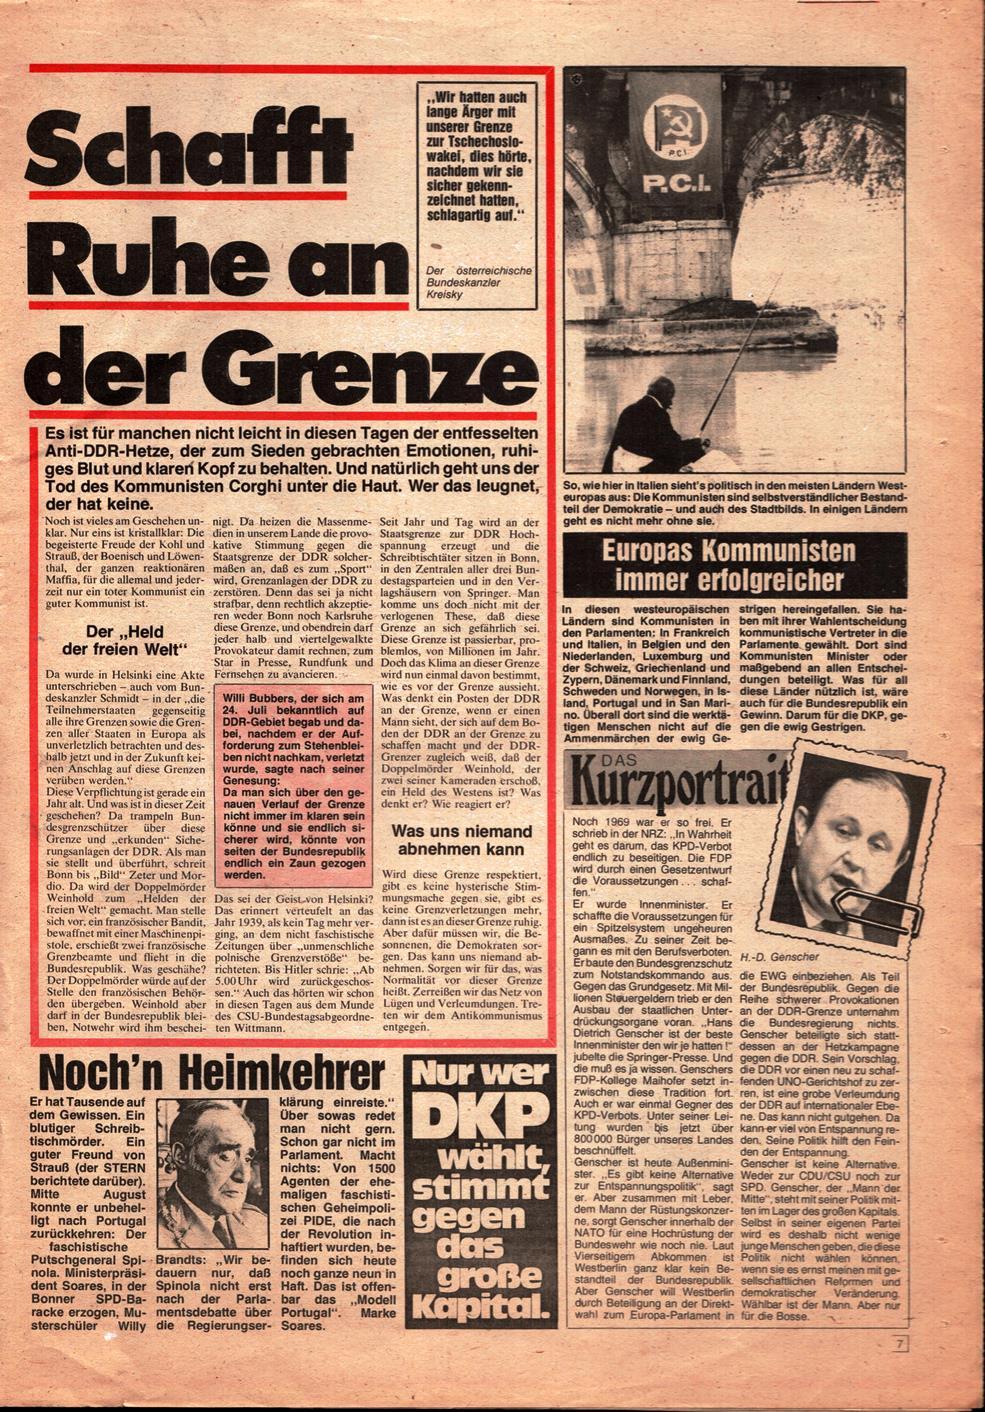 Muenchen_DKP_Neues_Muenchen_19760900_007